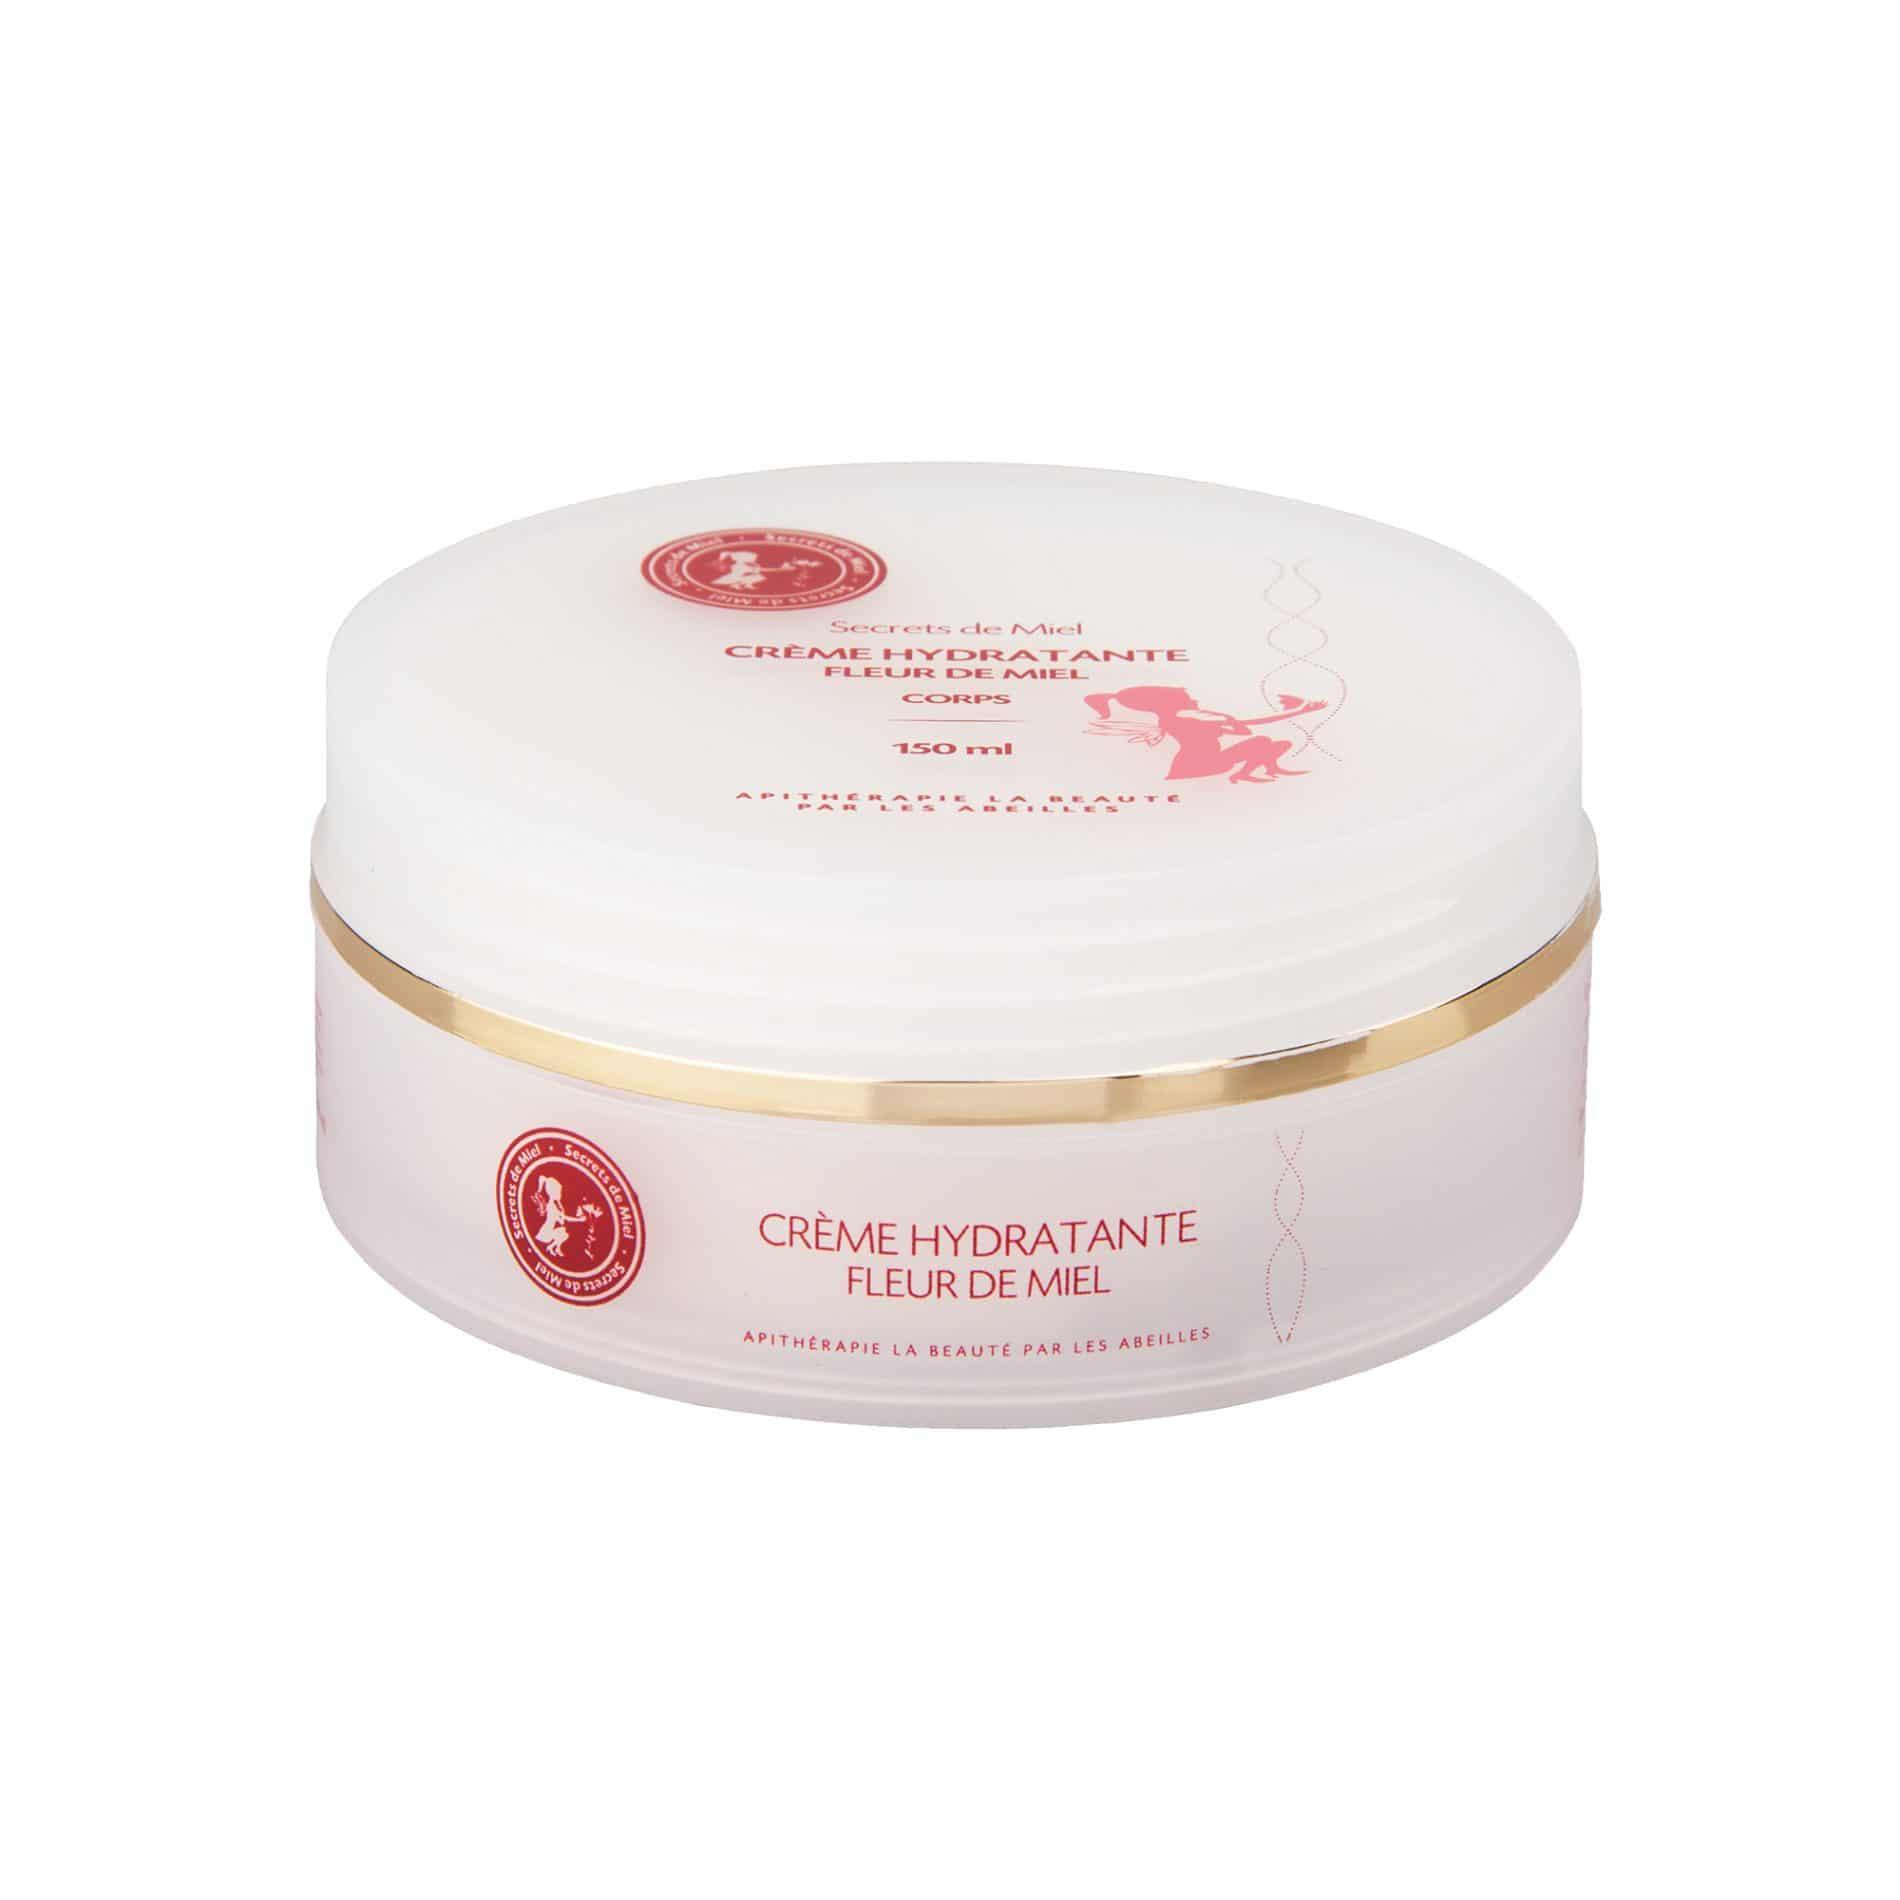 Crème corps Hydratante - Fleur de Miel - Abeilles - Ruche - Protège la peau - Hydrate la peau - Produit naturel - Secrets de Miel